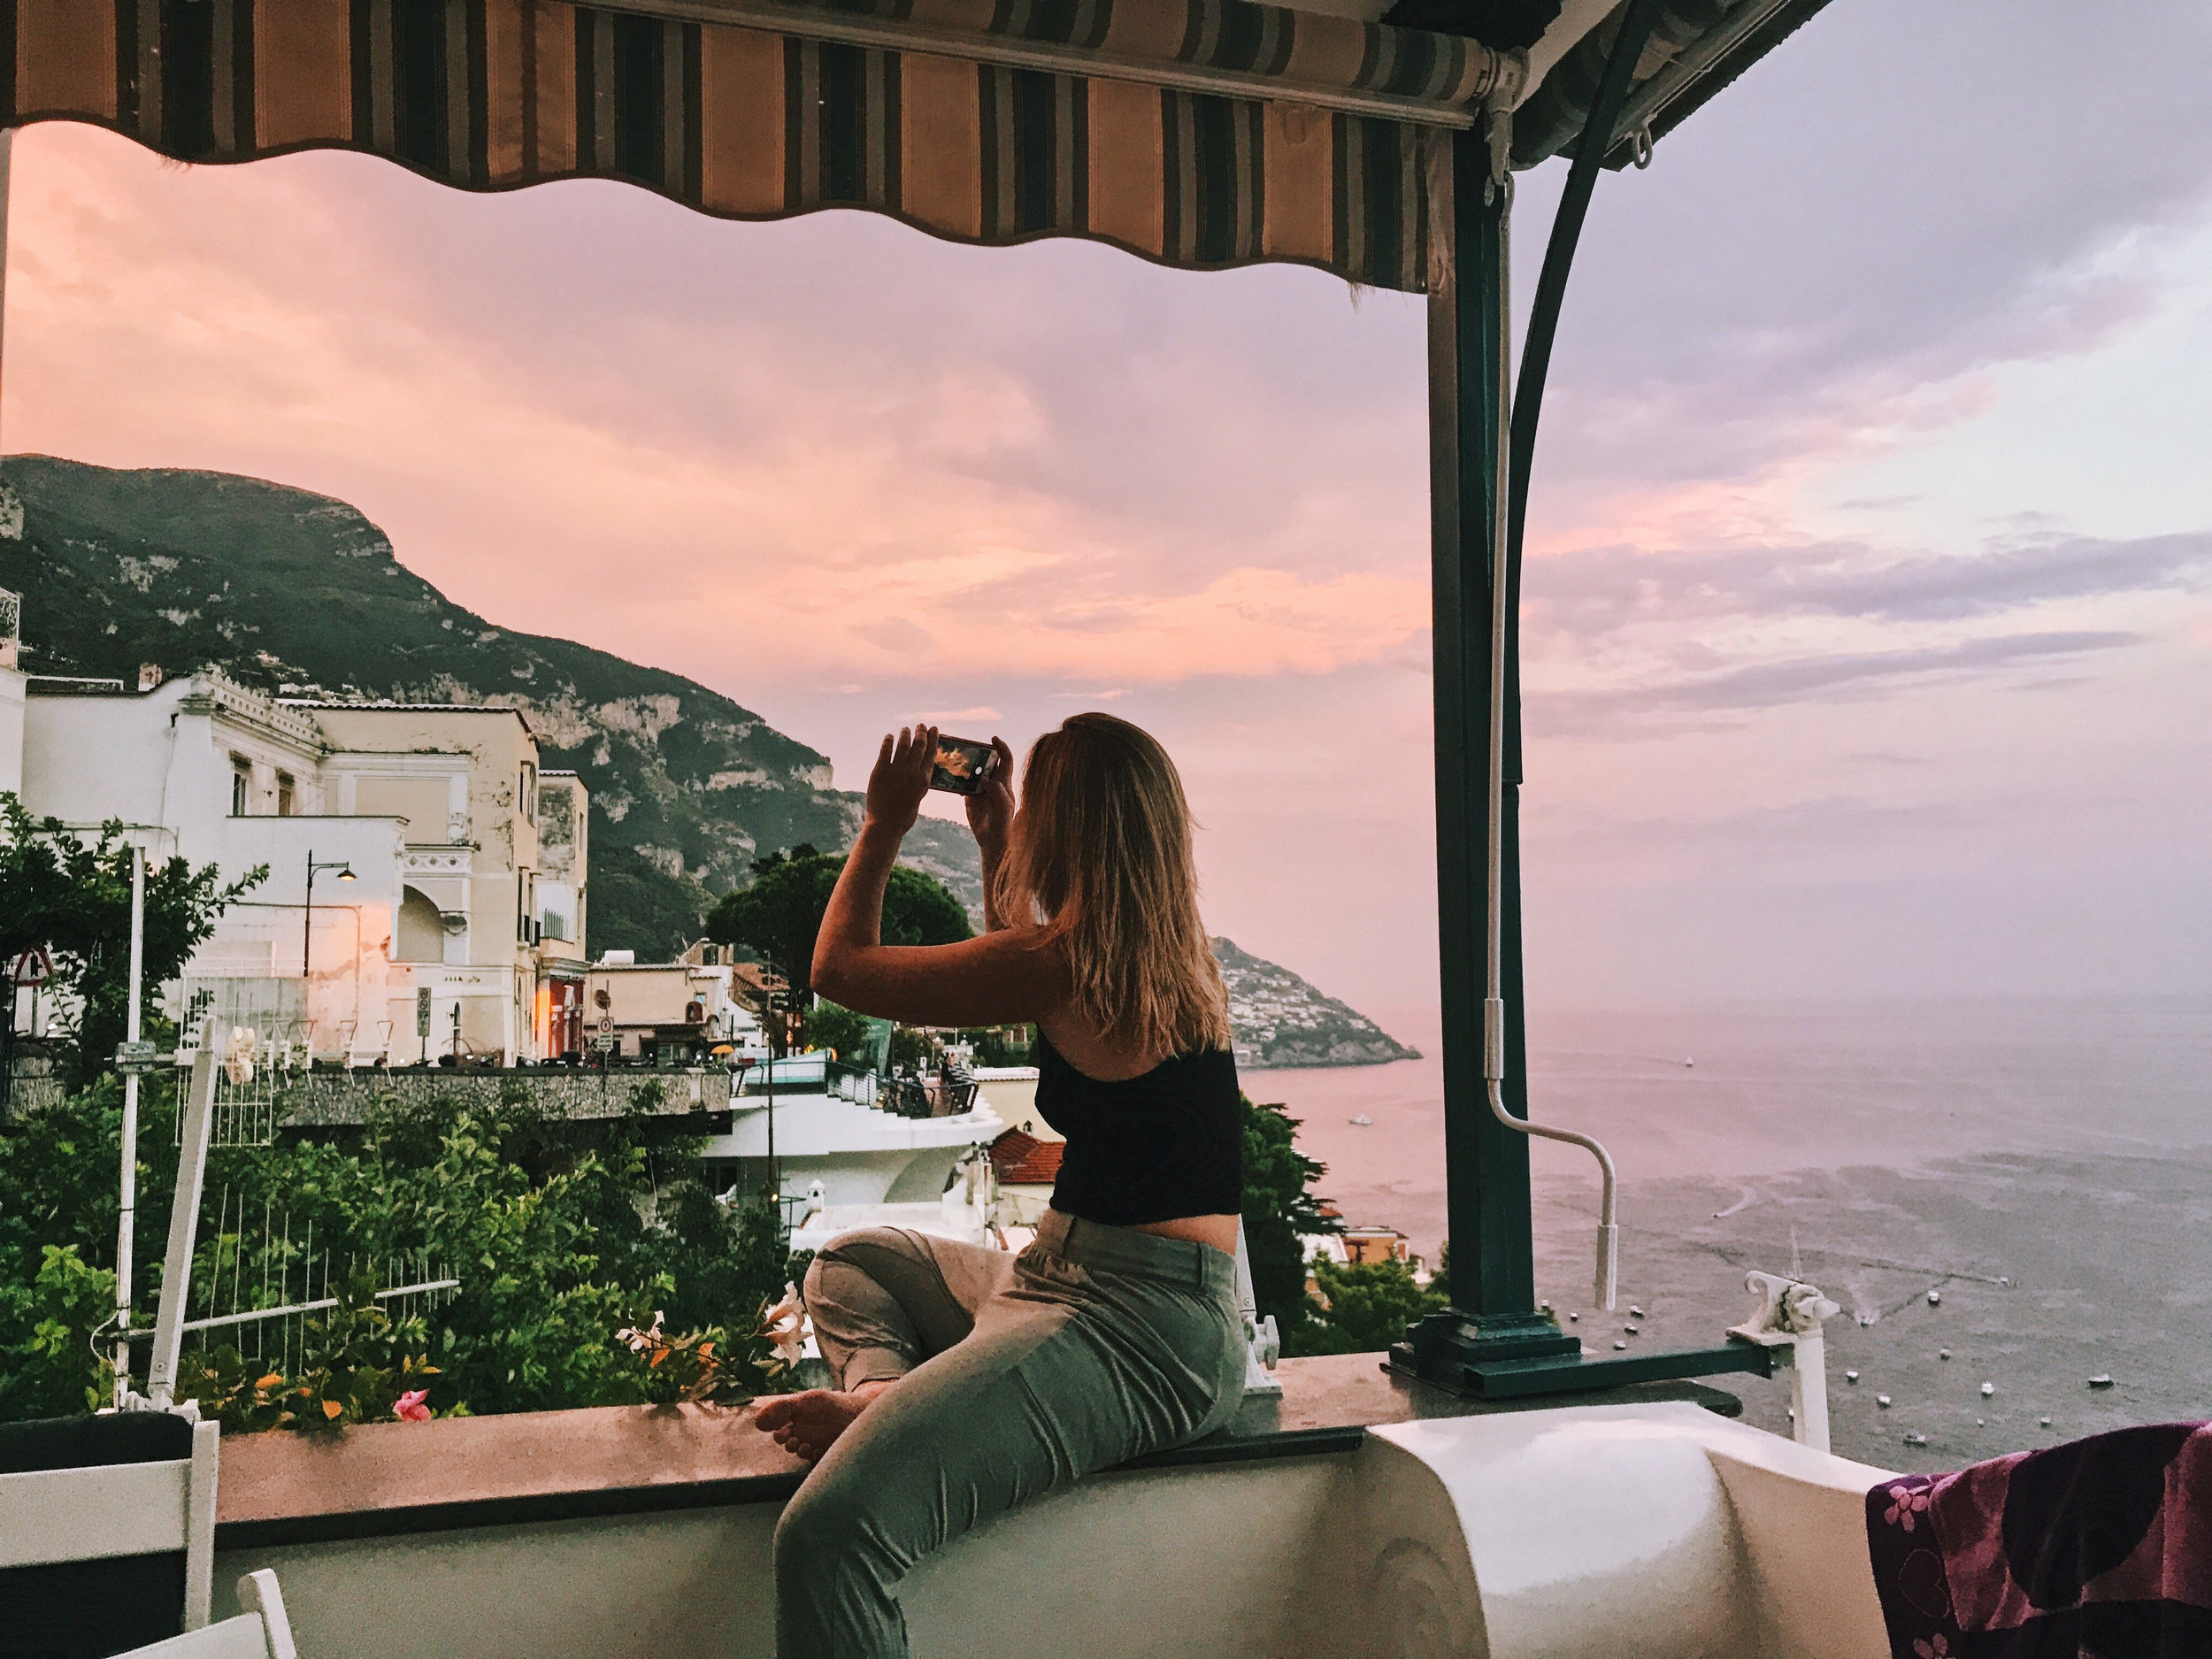 Italy-Positano-Rome-Amalfi-Coast-Lena-Mirisola-59.JPG